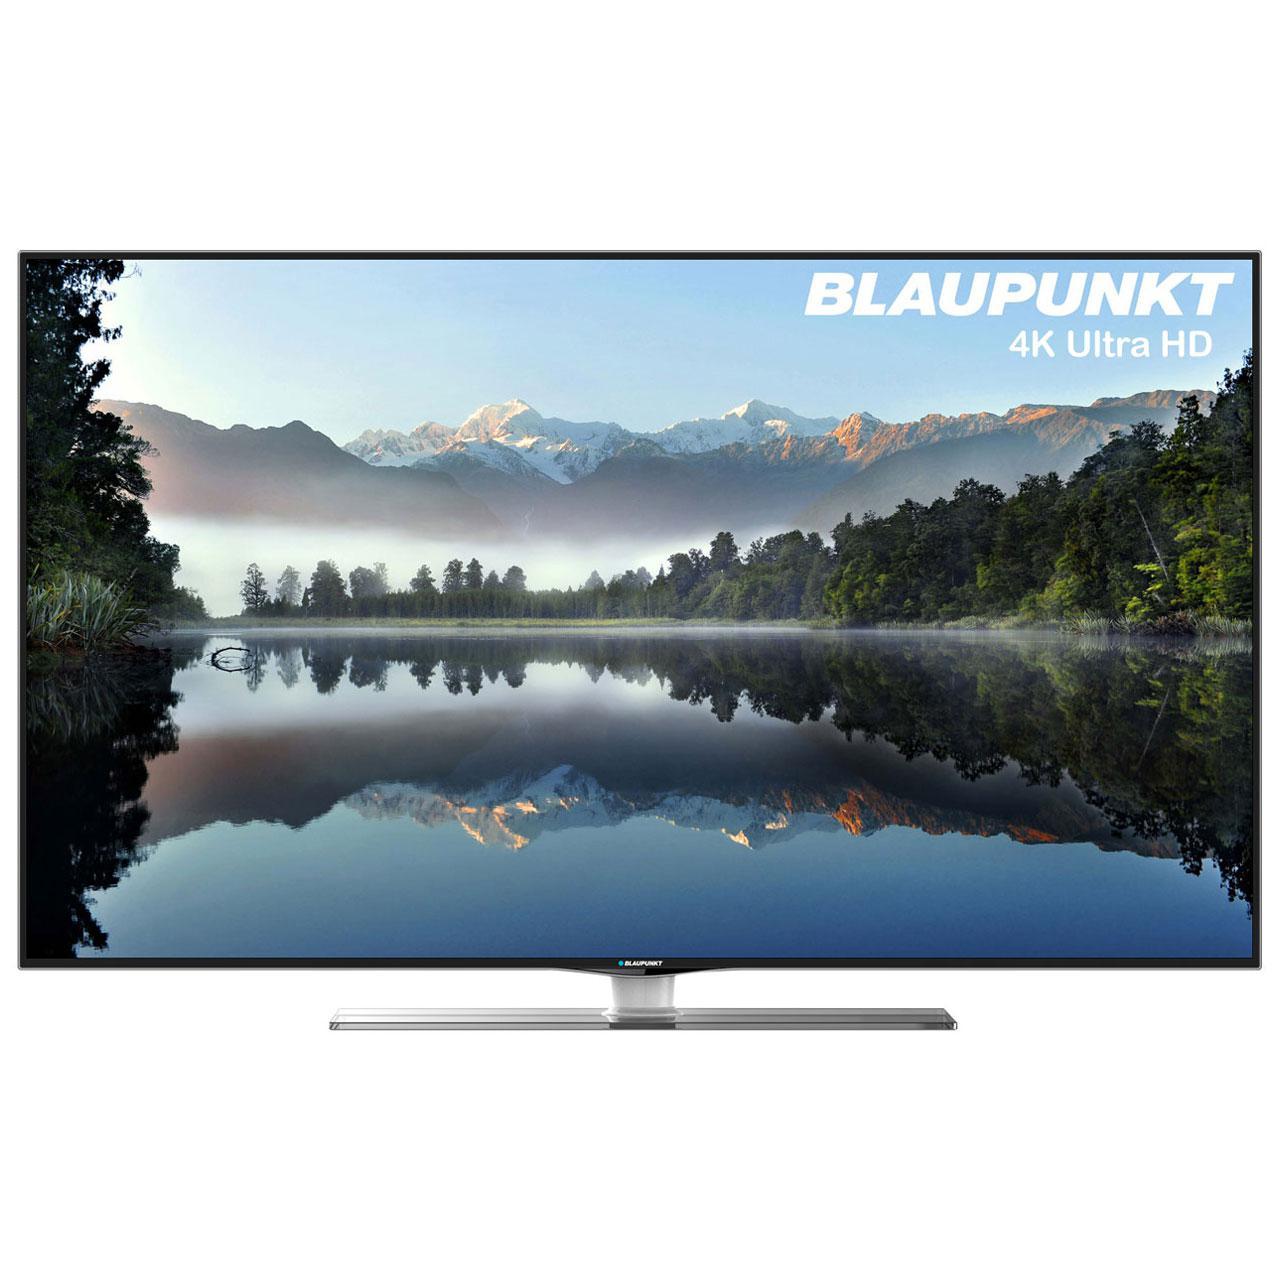 Sélection de TV 4K UHD en promotion - Ex: Blaupunkt BLA-50/401I